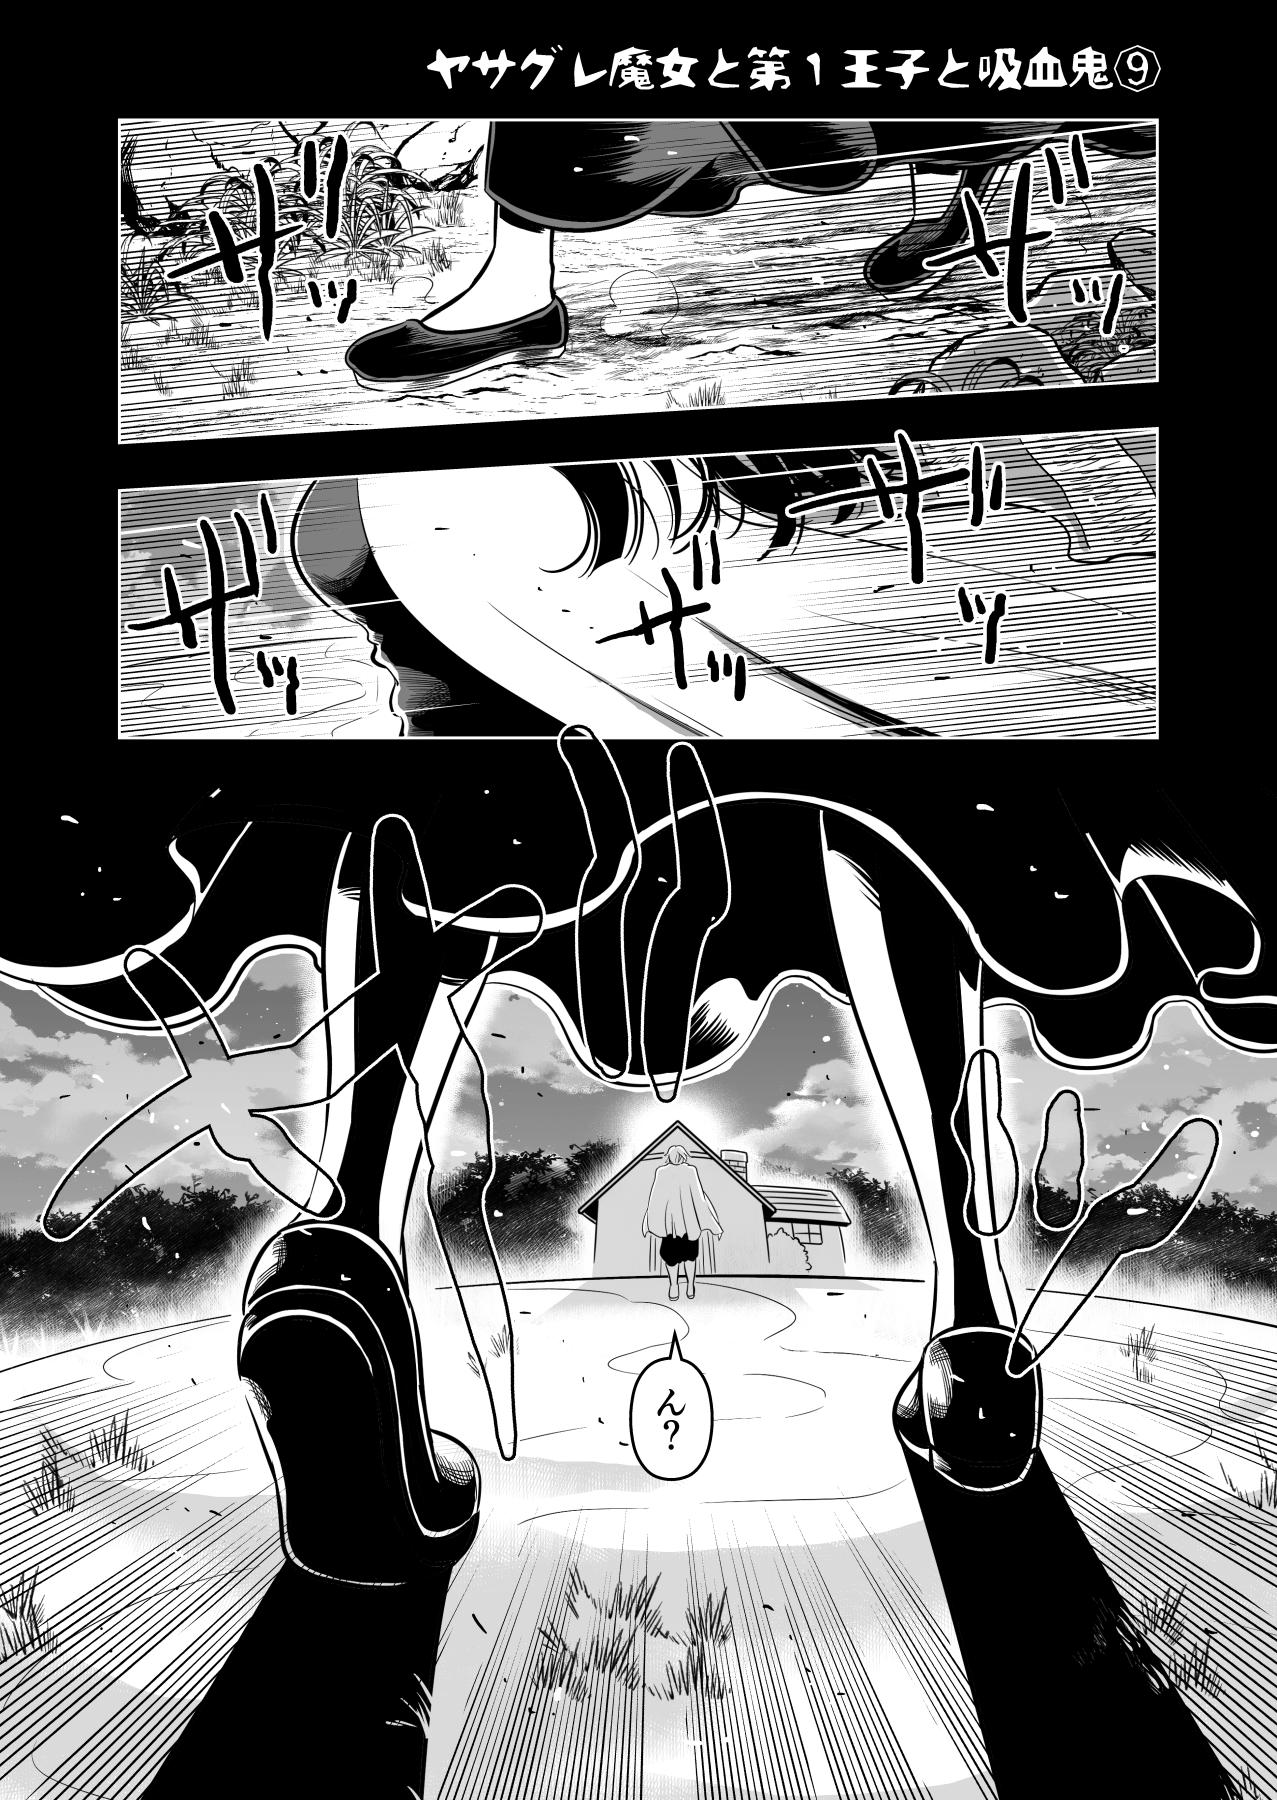 ヤサグレ魔女と第1王子と吸血鬼⑨ (1)-min